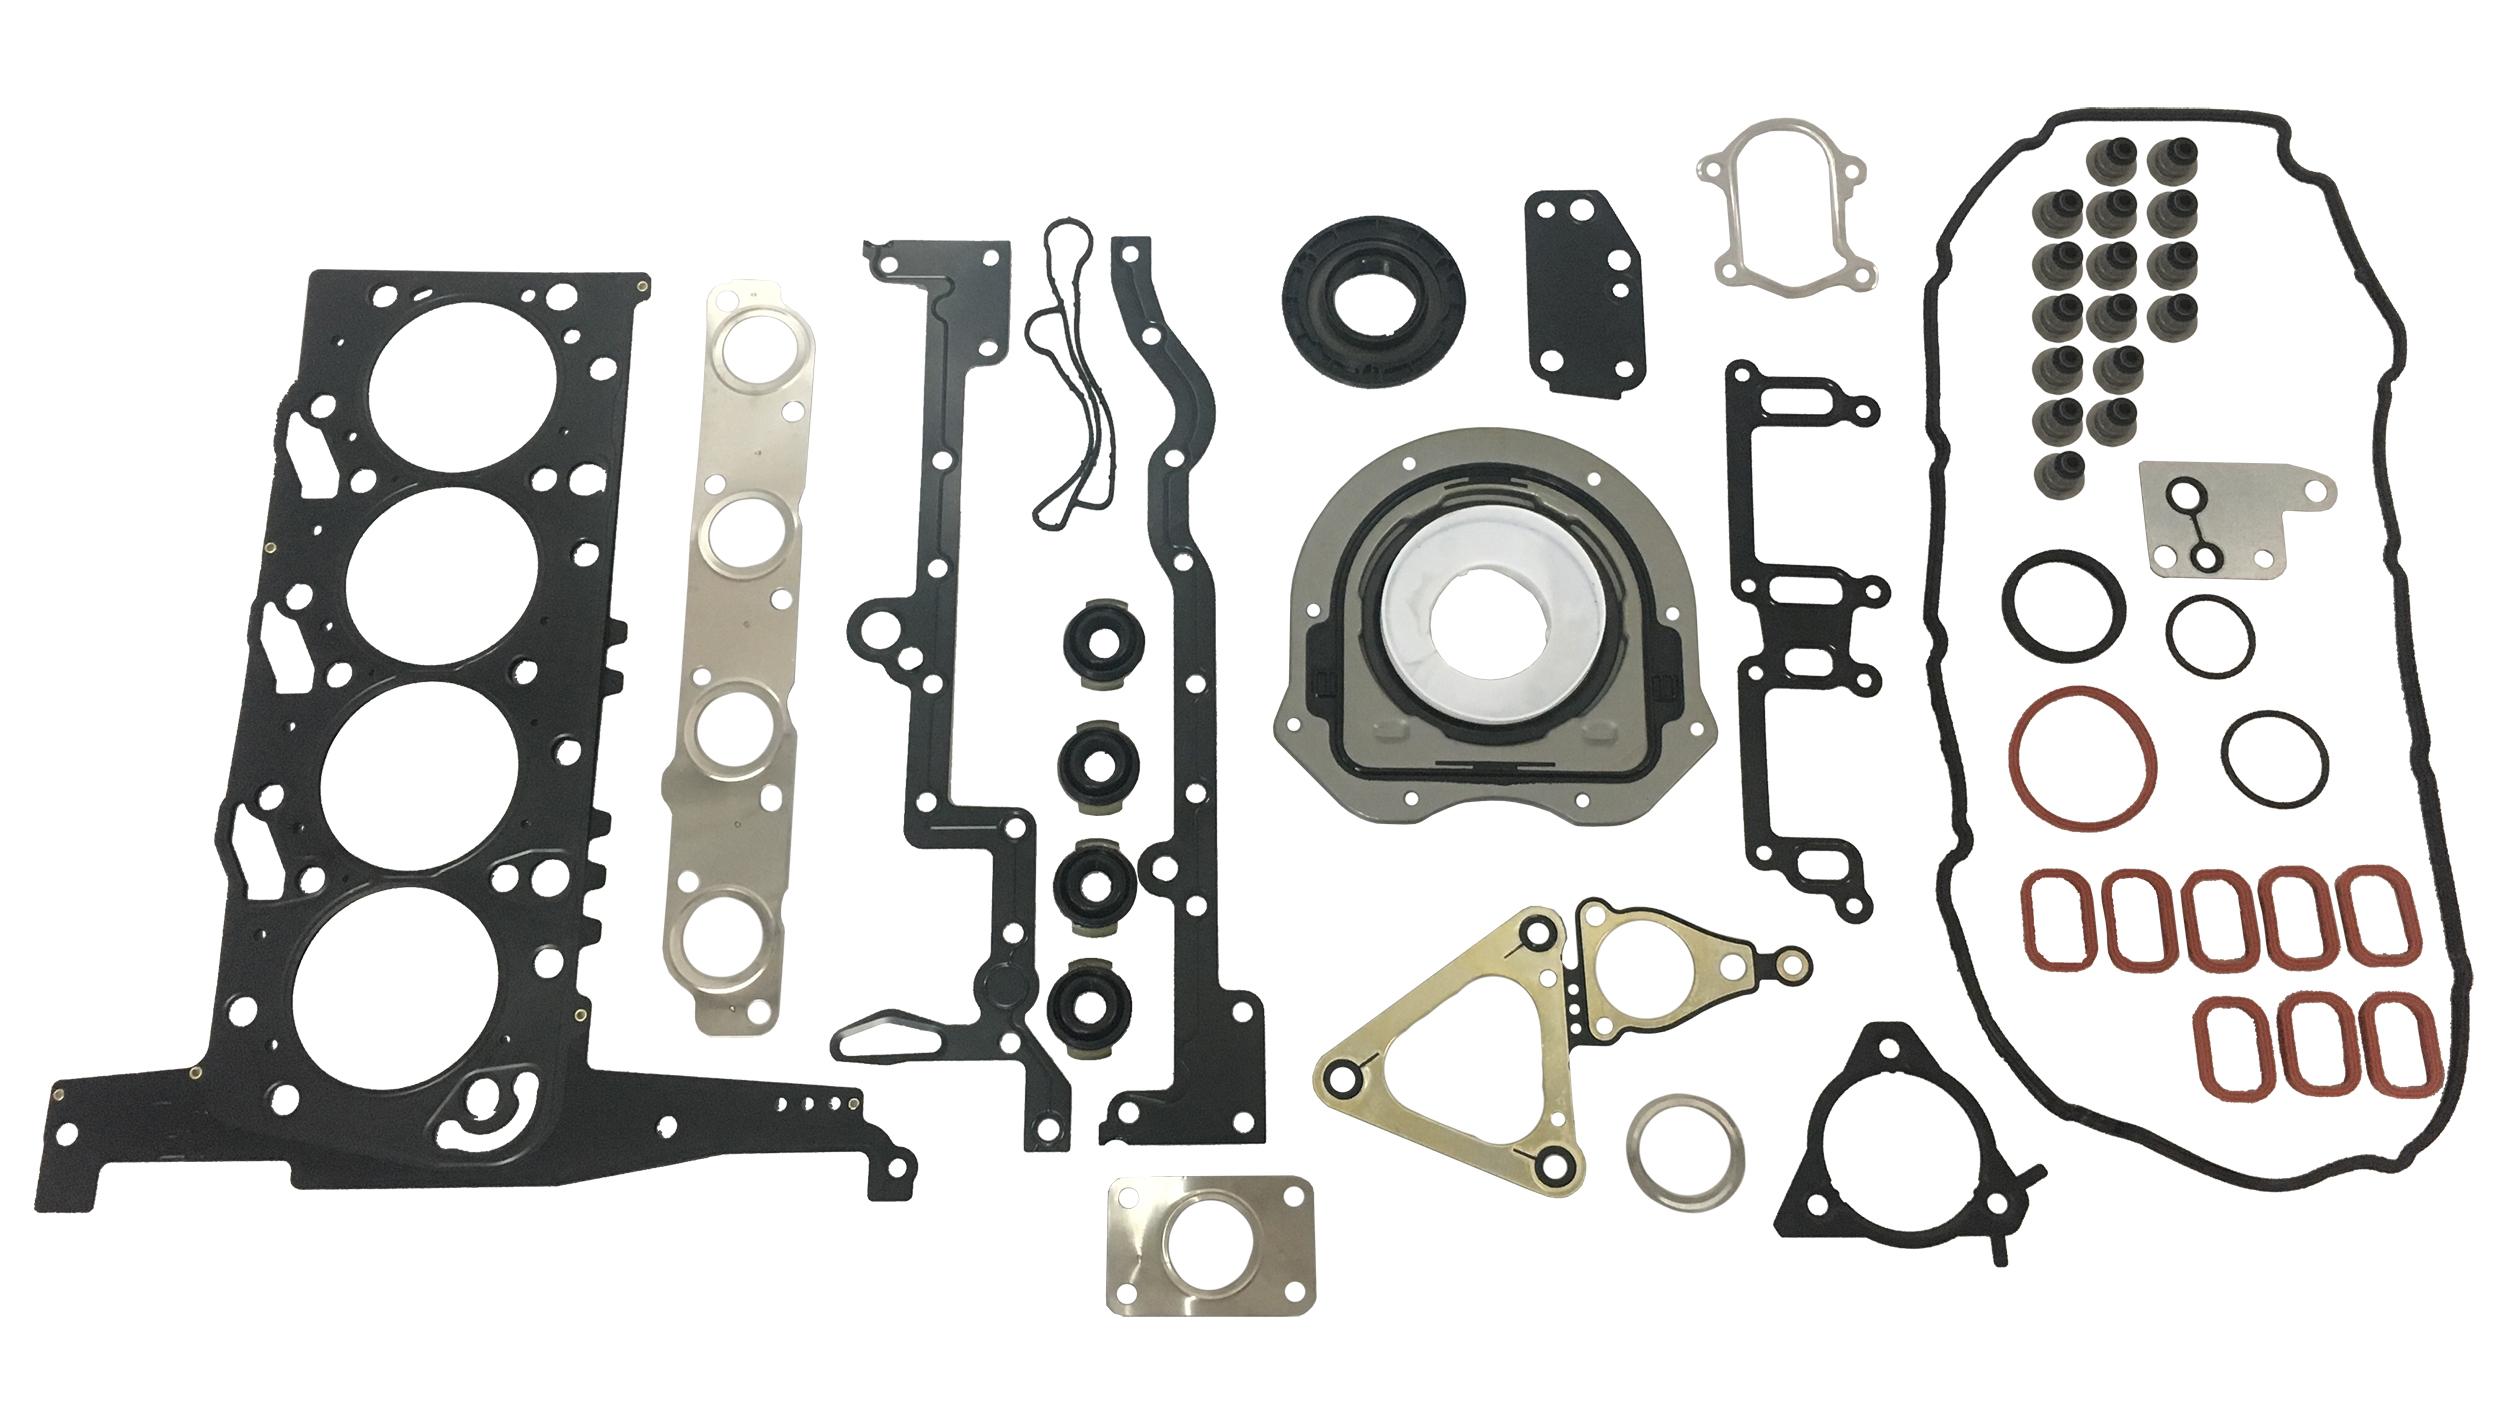 Kit de joints de Culasse Ford Transit 2.4 TDCi H9FA H9FB 1096227 NOUVEAU